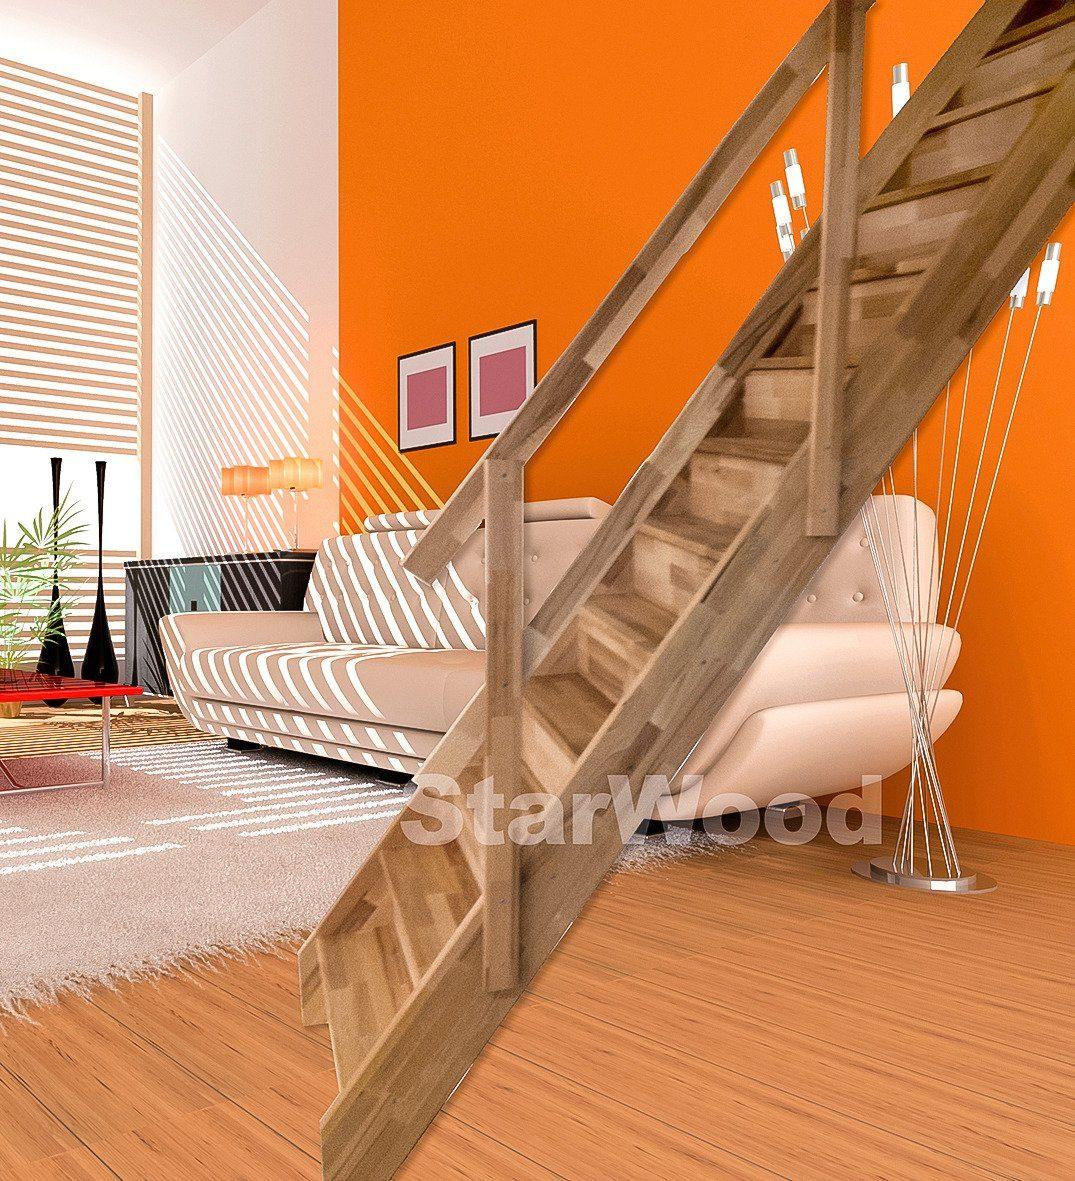 STARWOOD Raumspartreppe »Rhodos«, geschl. Stufen, gerade, Holzgeländer rechts